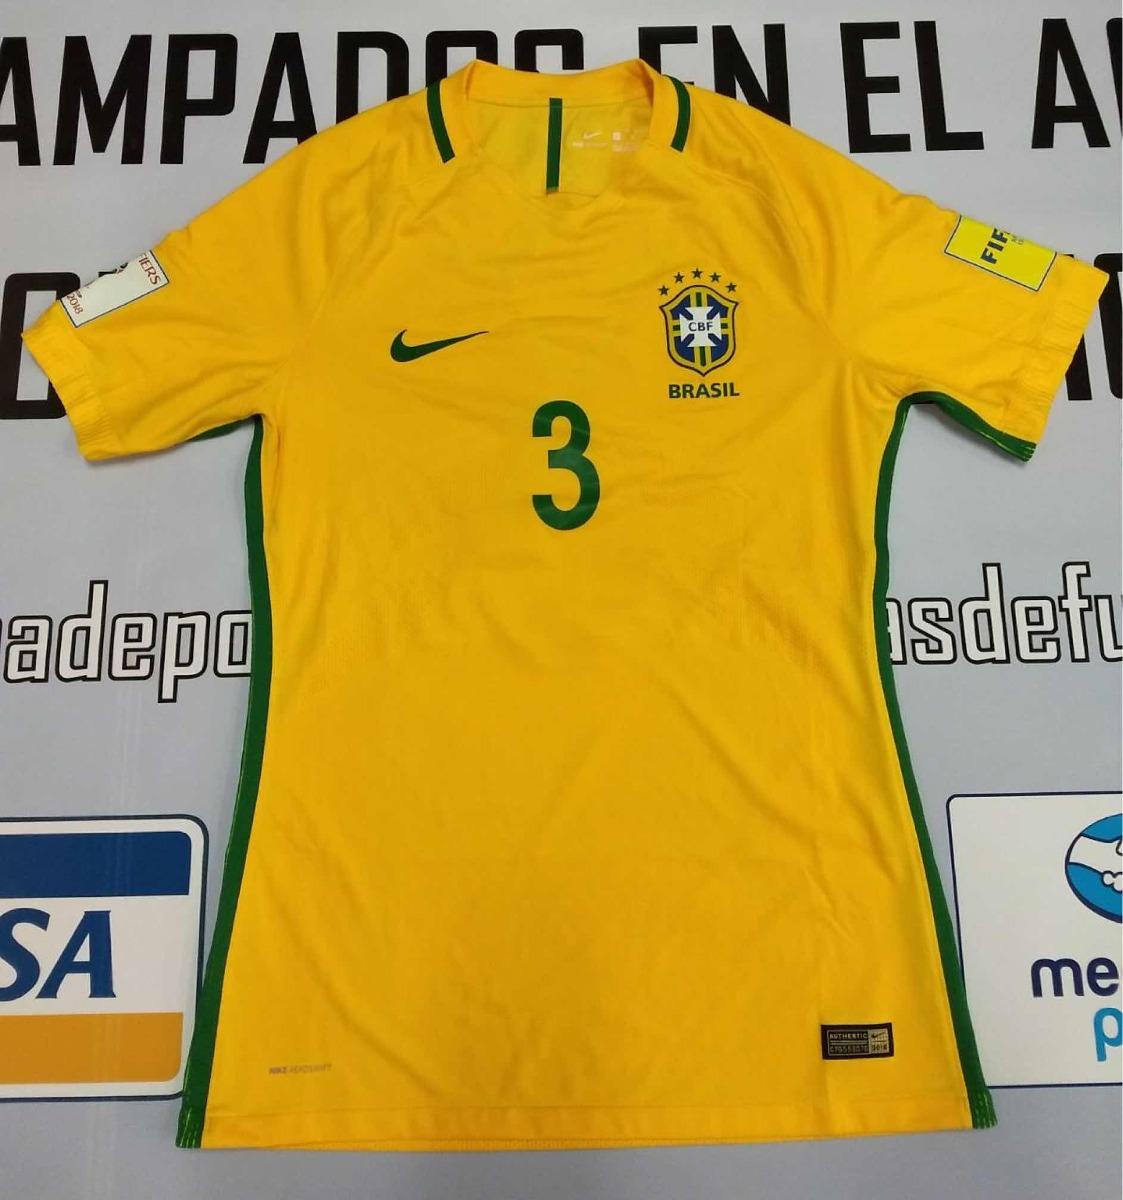 camiseta de brasil utileria eliminatorias rusia 2018 tenelaa. Cargando zoom. 473a39718048b